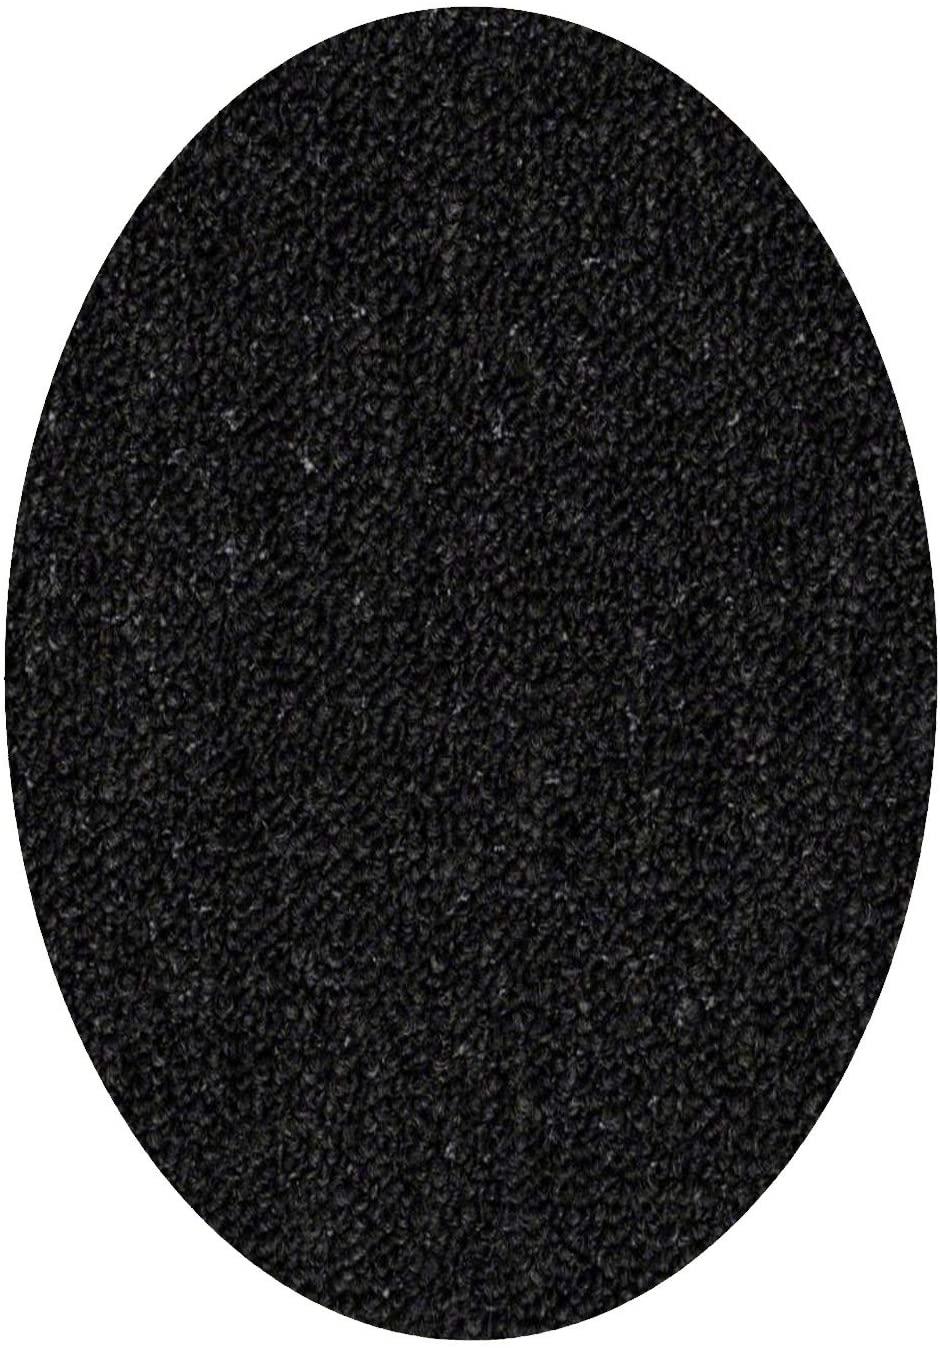 Home Queen IndoorOutdoor Commercial Black Color Area Rug - 1.5' x 2.25' Oval Mat